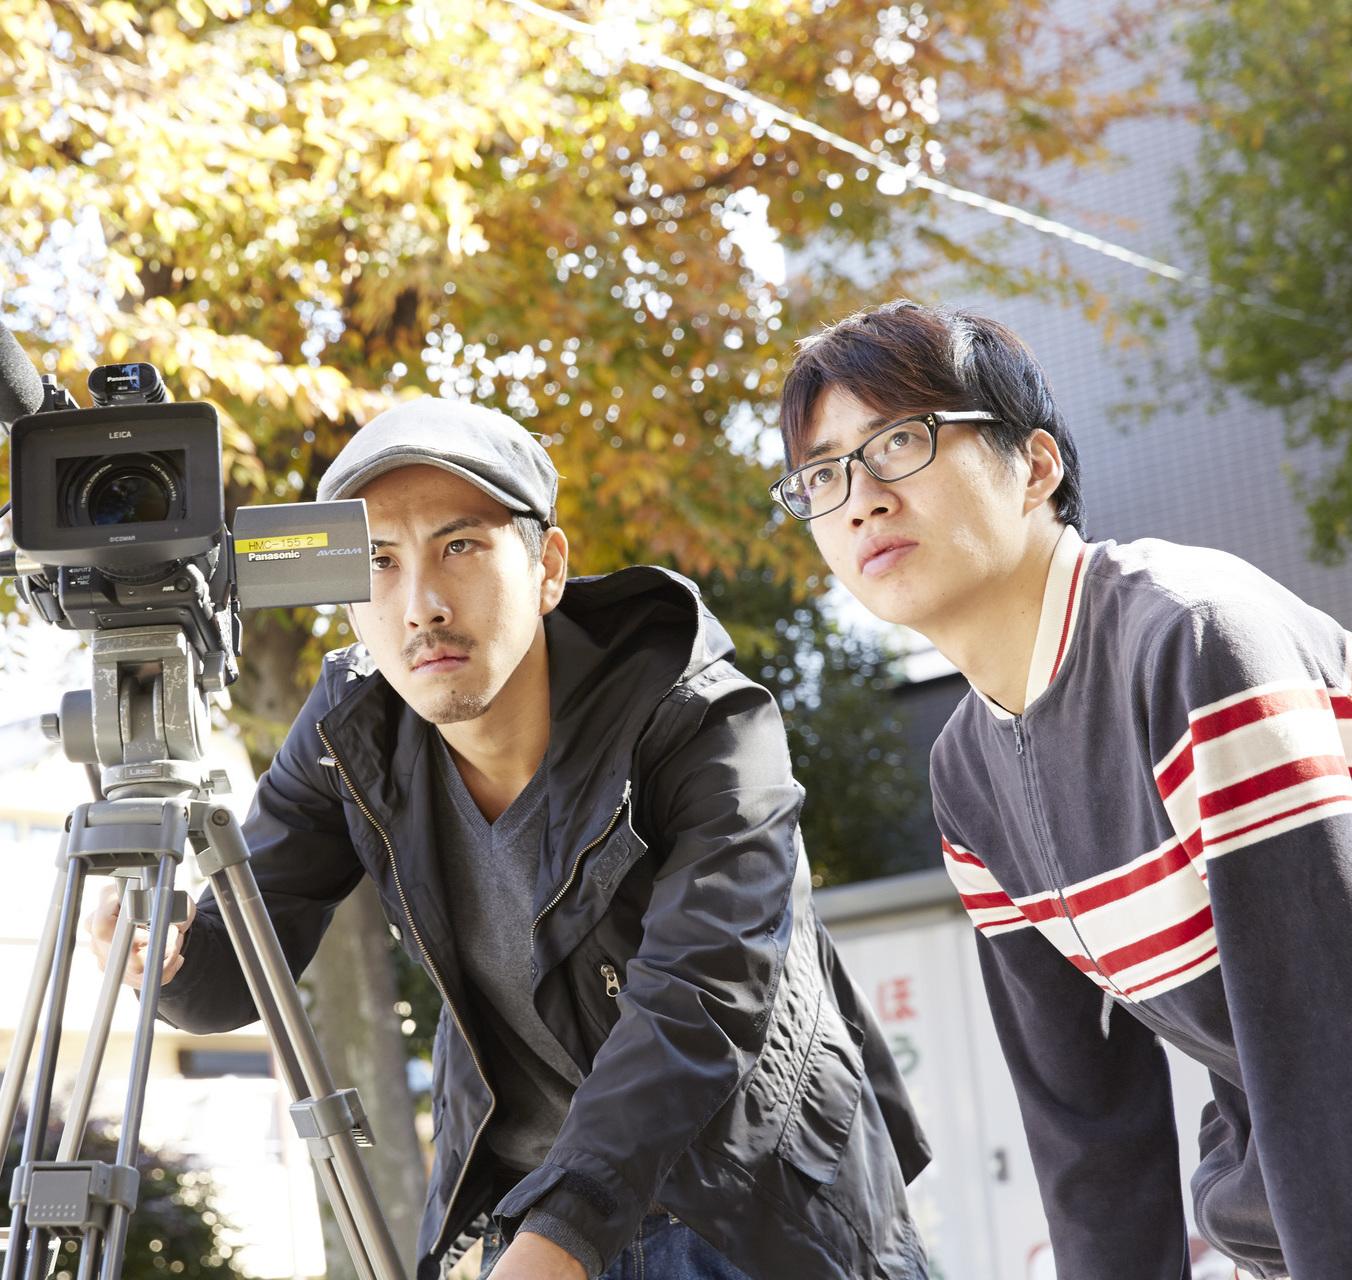 俳優と監督の学校/ENBUゼミナール